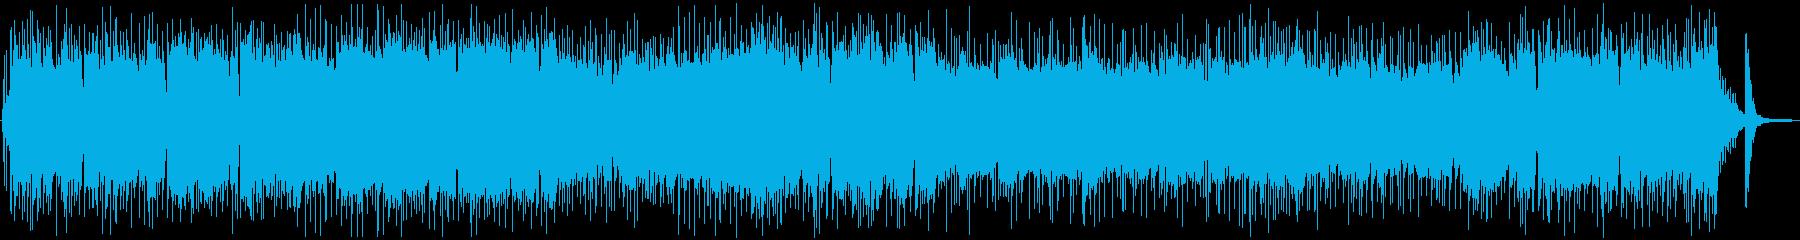 【生演奏】出発進行!な前向きのポップスの再生済みの波形